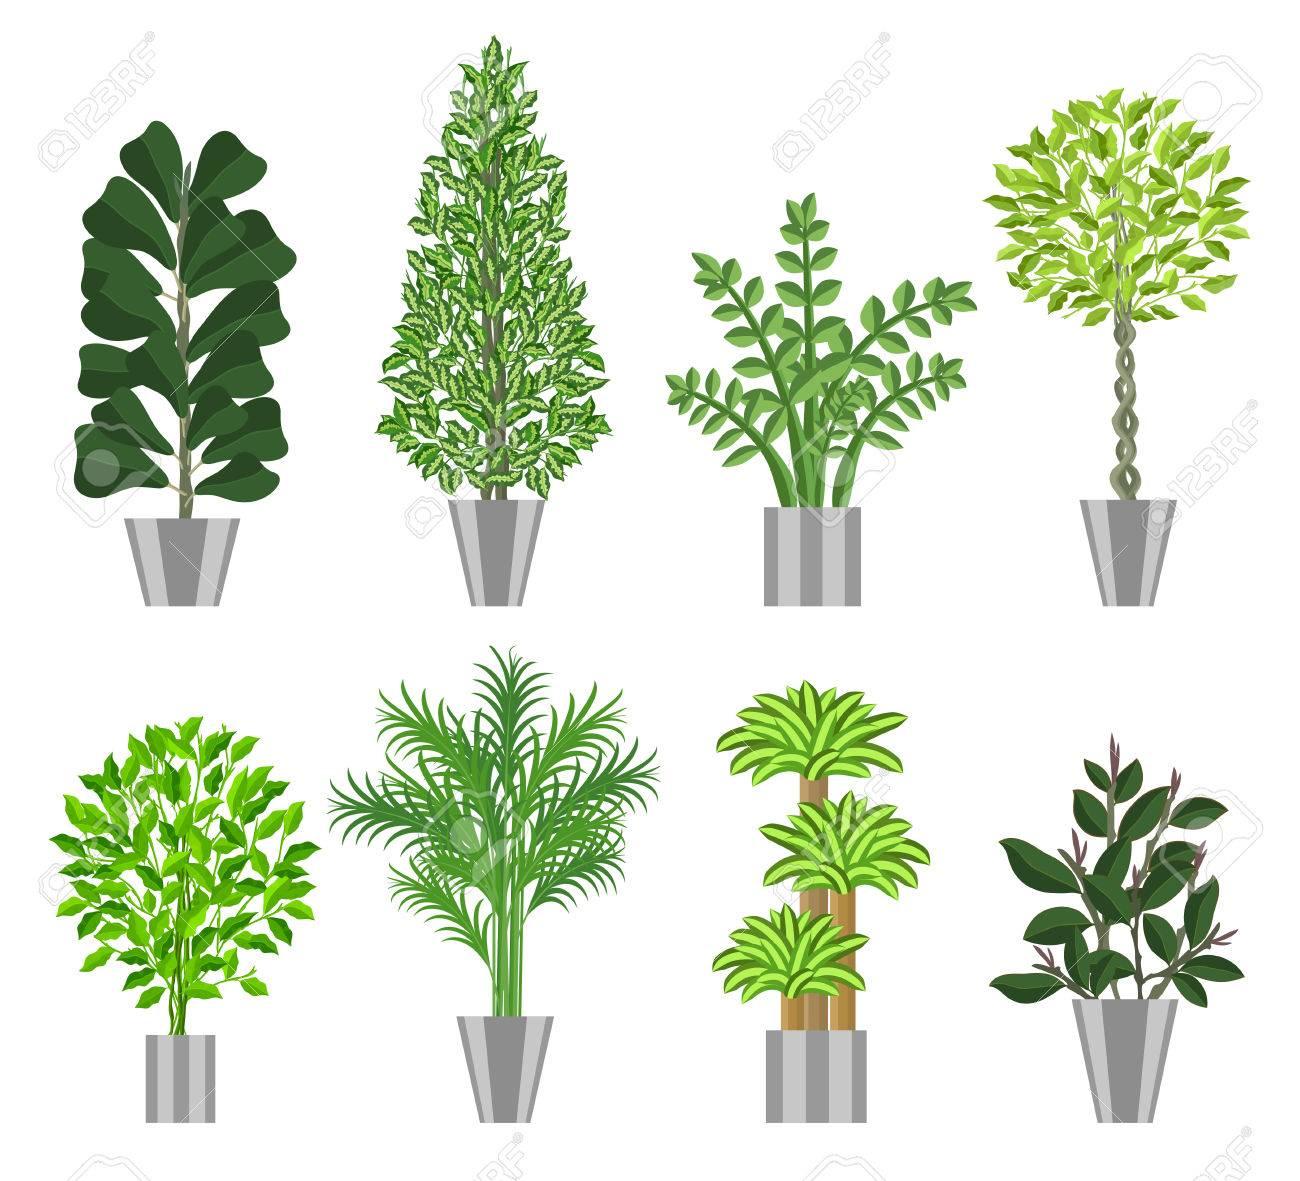 Grandes rboles Casa De Recoleccin De Plantas Las Grandes Plantas